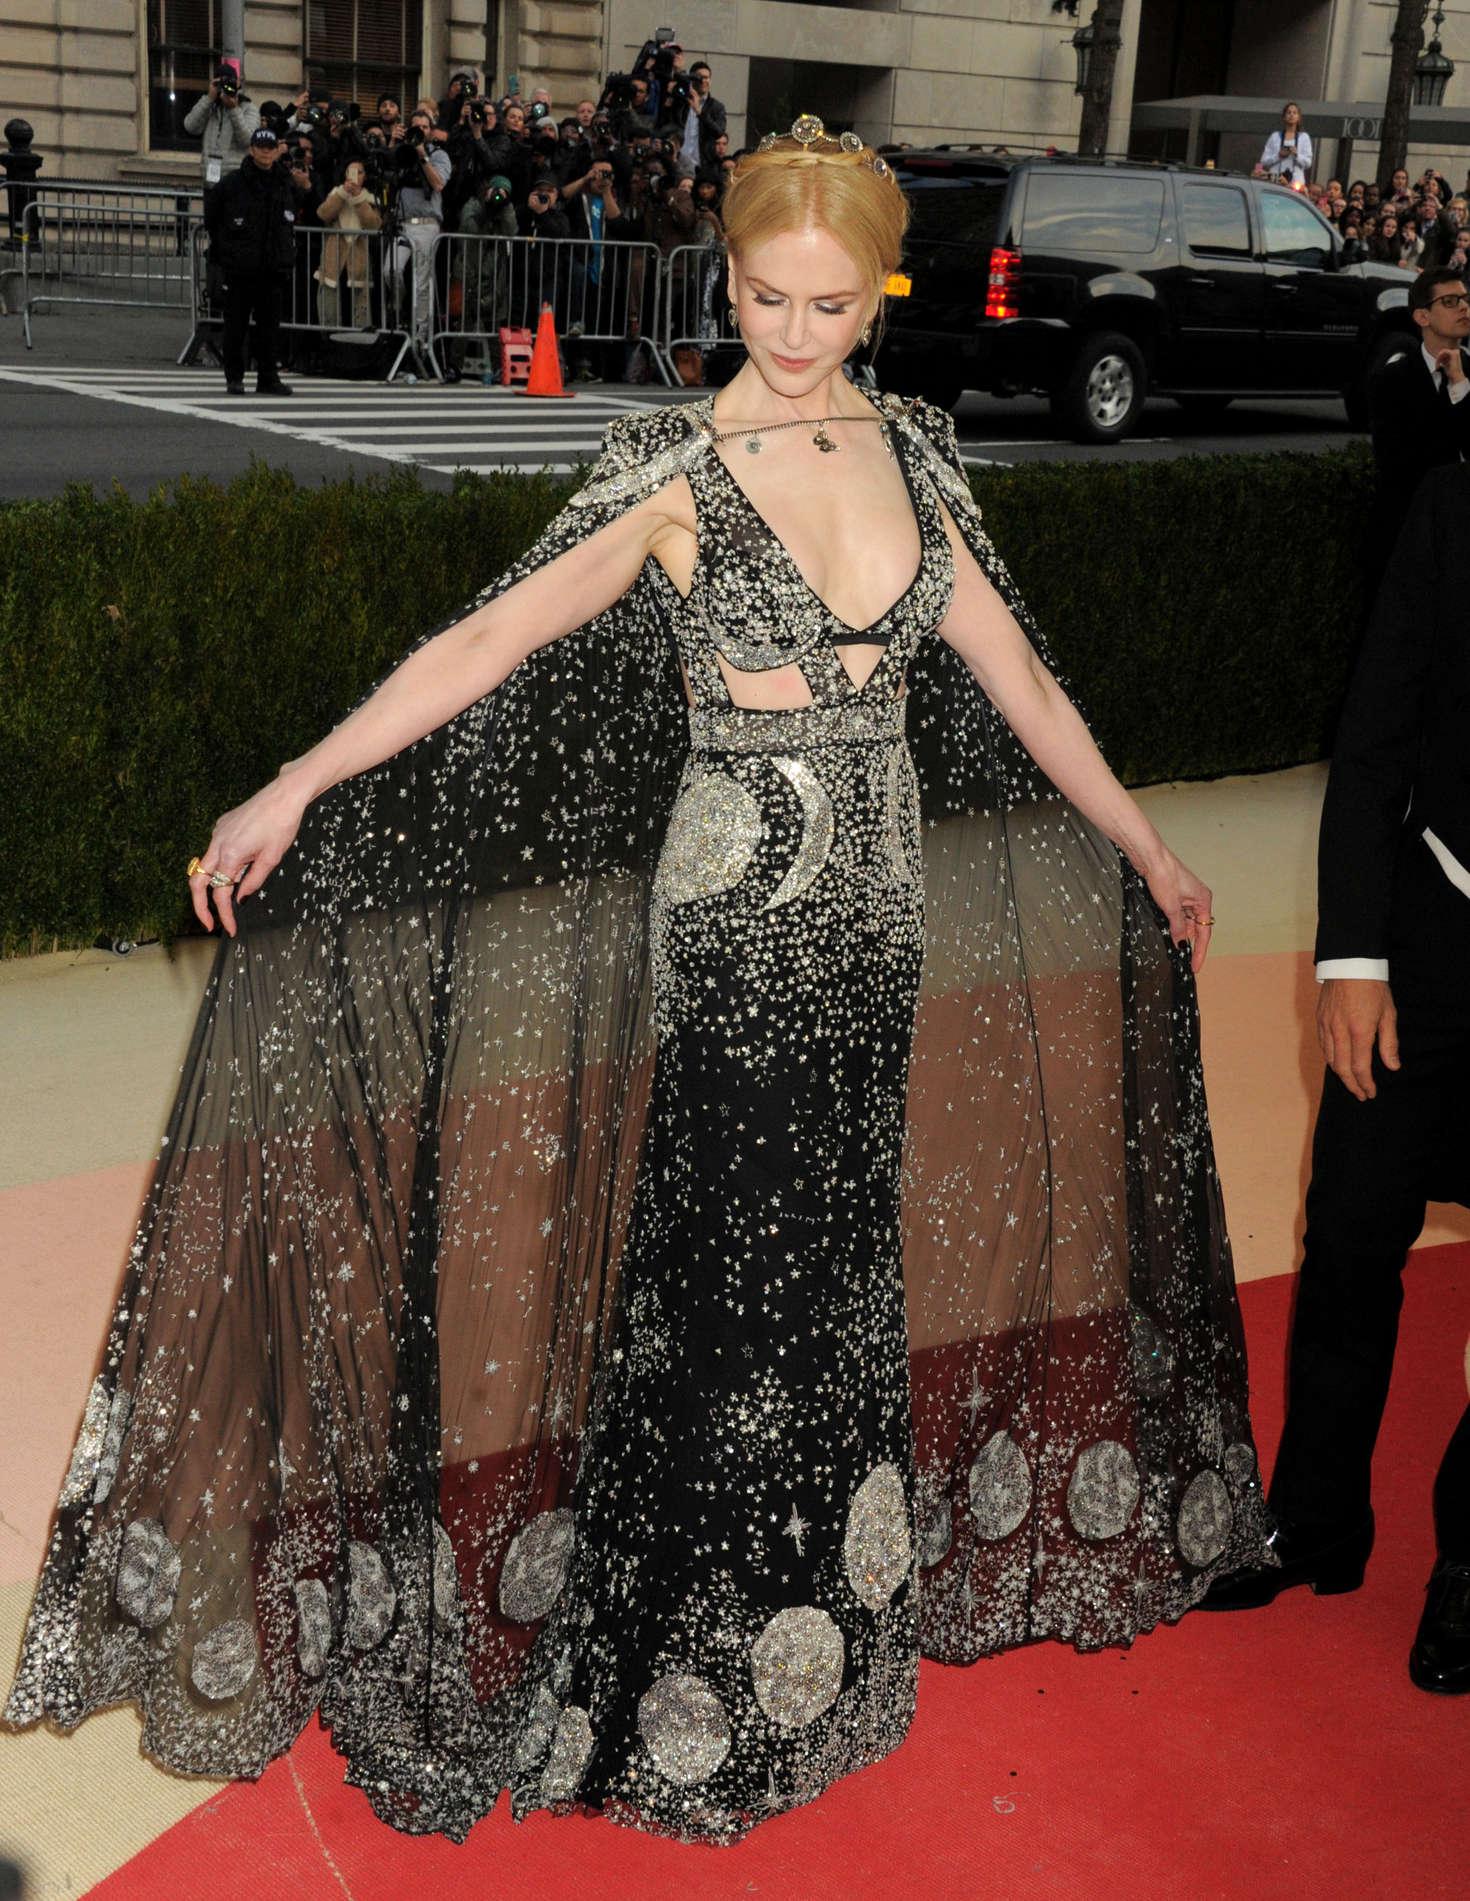 Nicole Kidman ma mị khi xuất hiện tại MET Gala 2016 trong thiết kế với họa tiết lấy cảm hứng từ chiêm tinh học của nhà mốt Alexander McQueen.